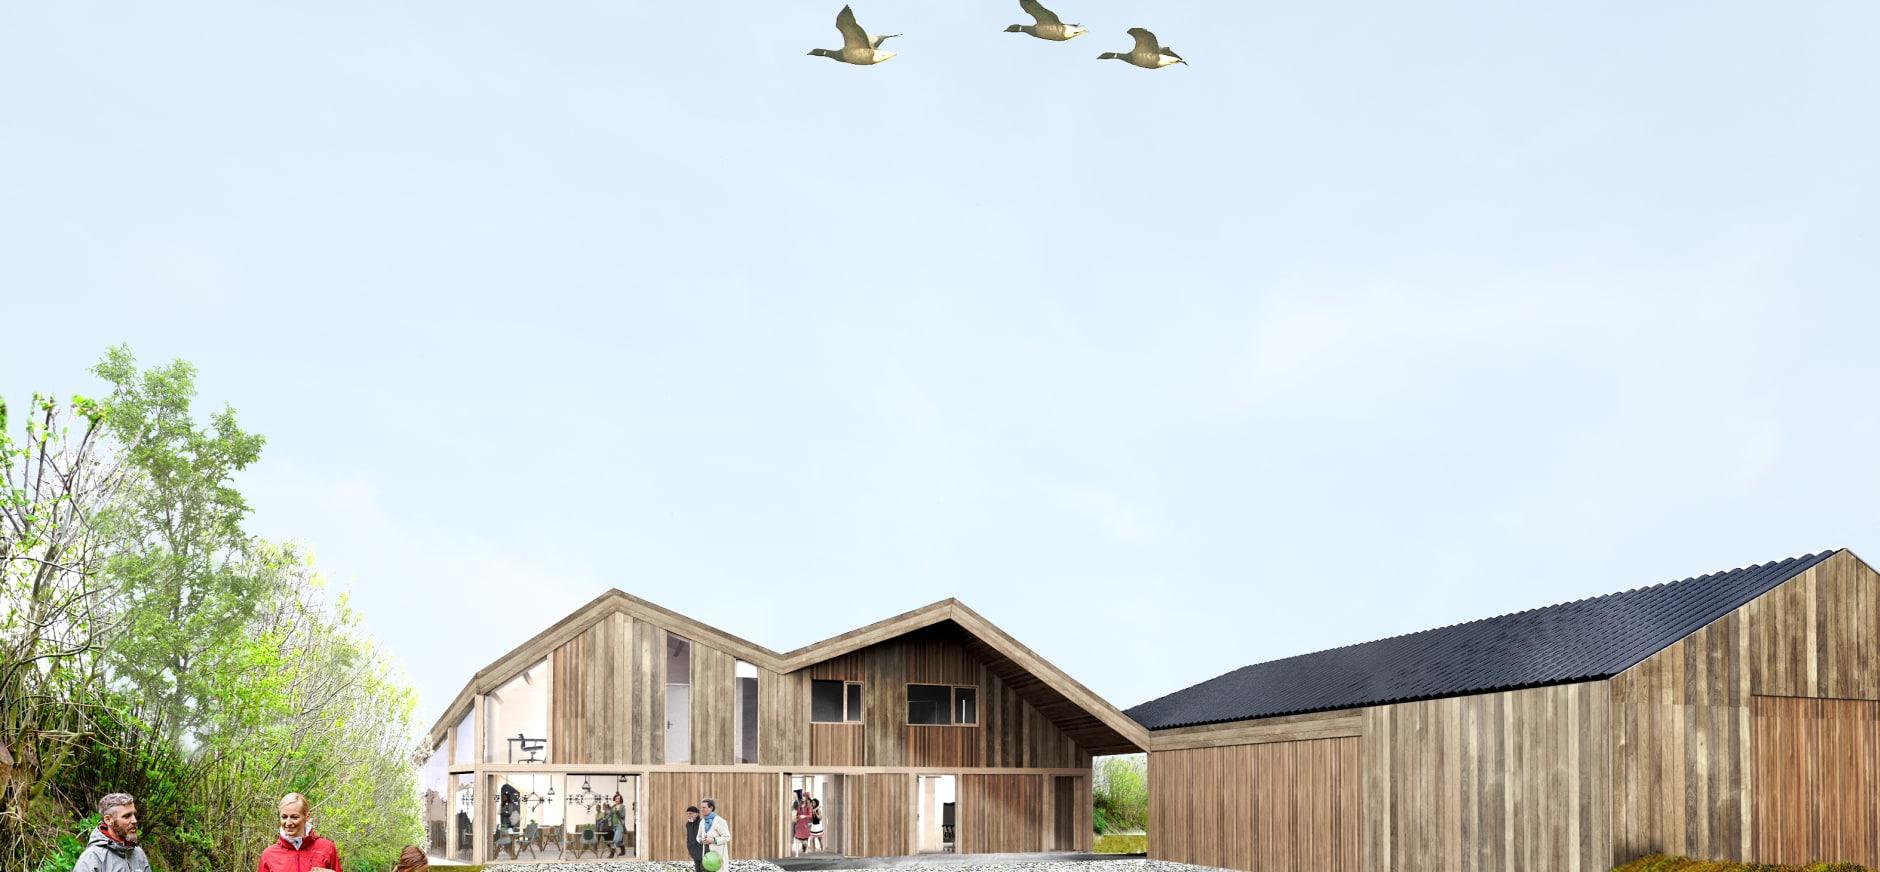 Natuurbeleefcentrum Texel